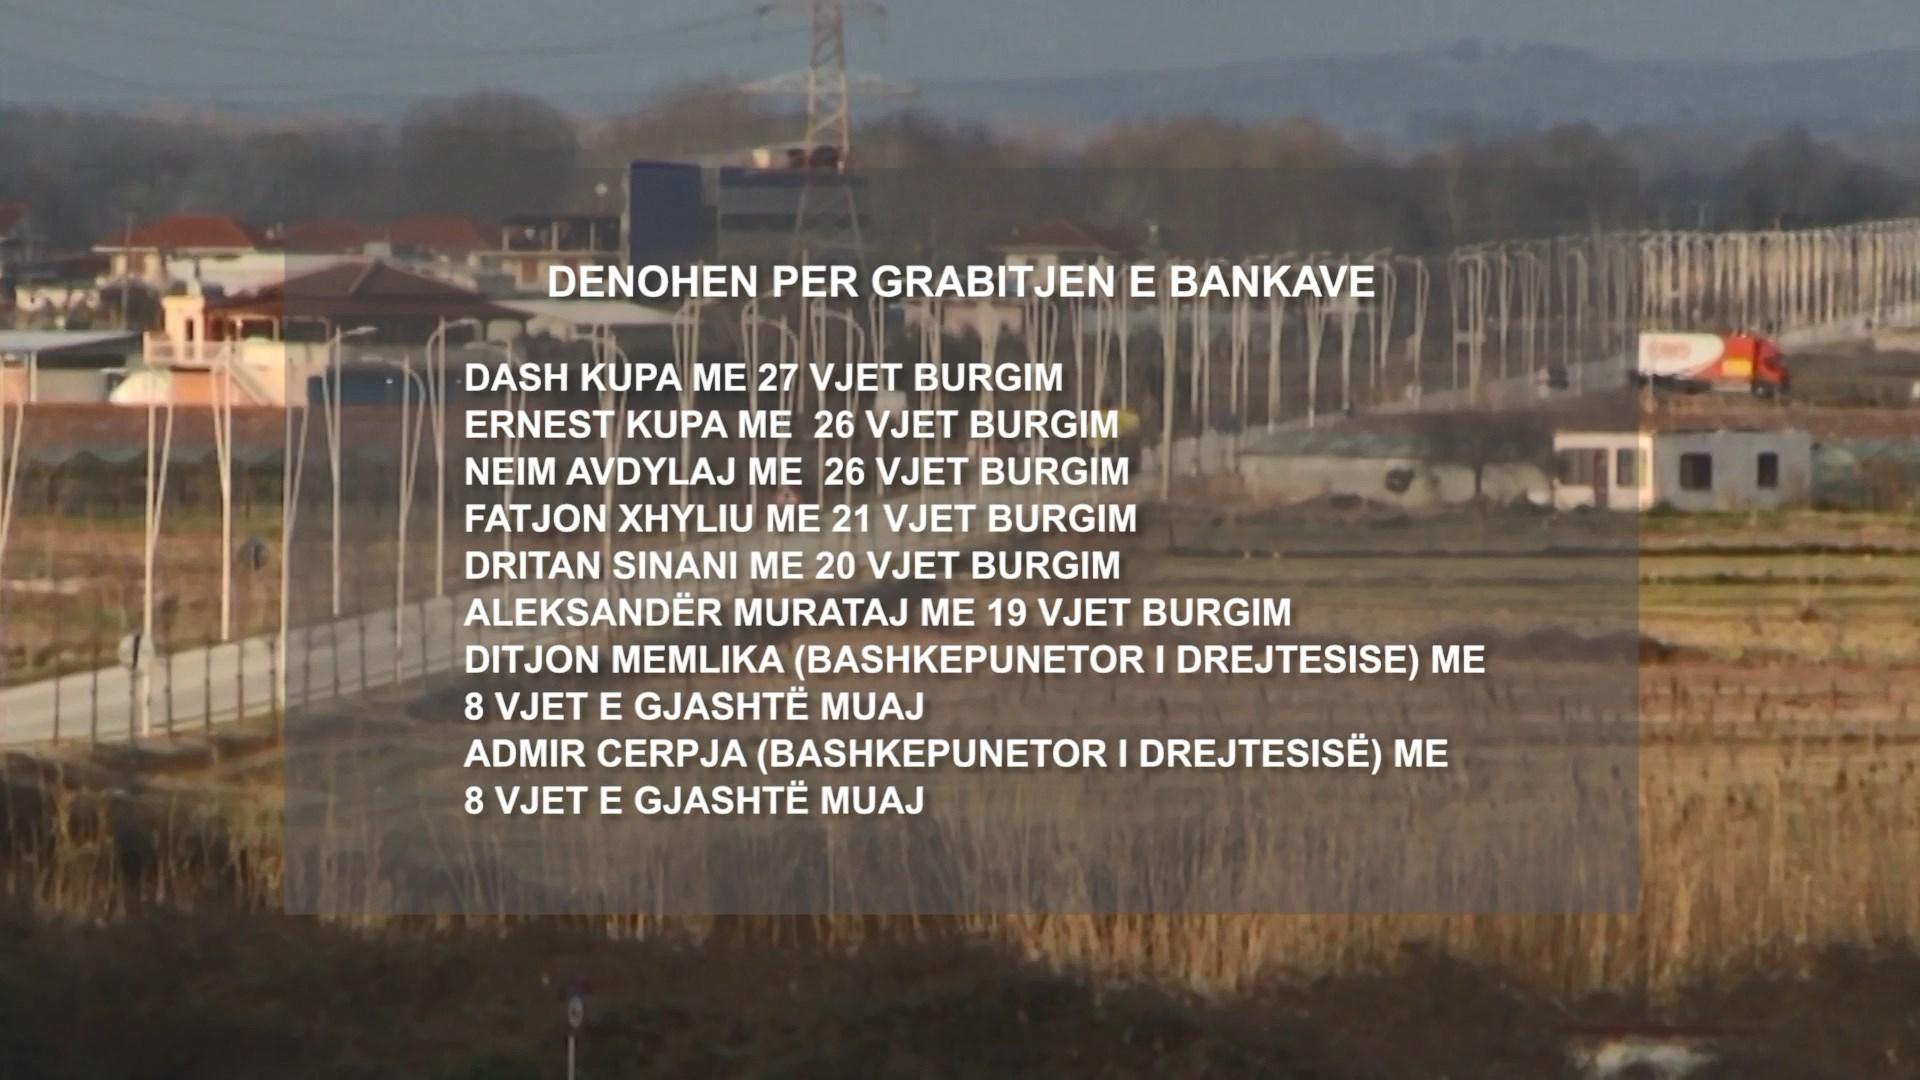 Grabitjet e bankave dhe autoblindave, dënohen 9 anëtarët e grupit